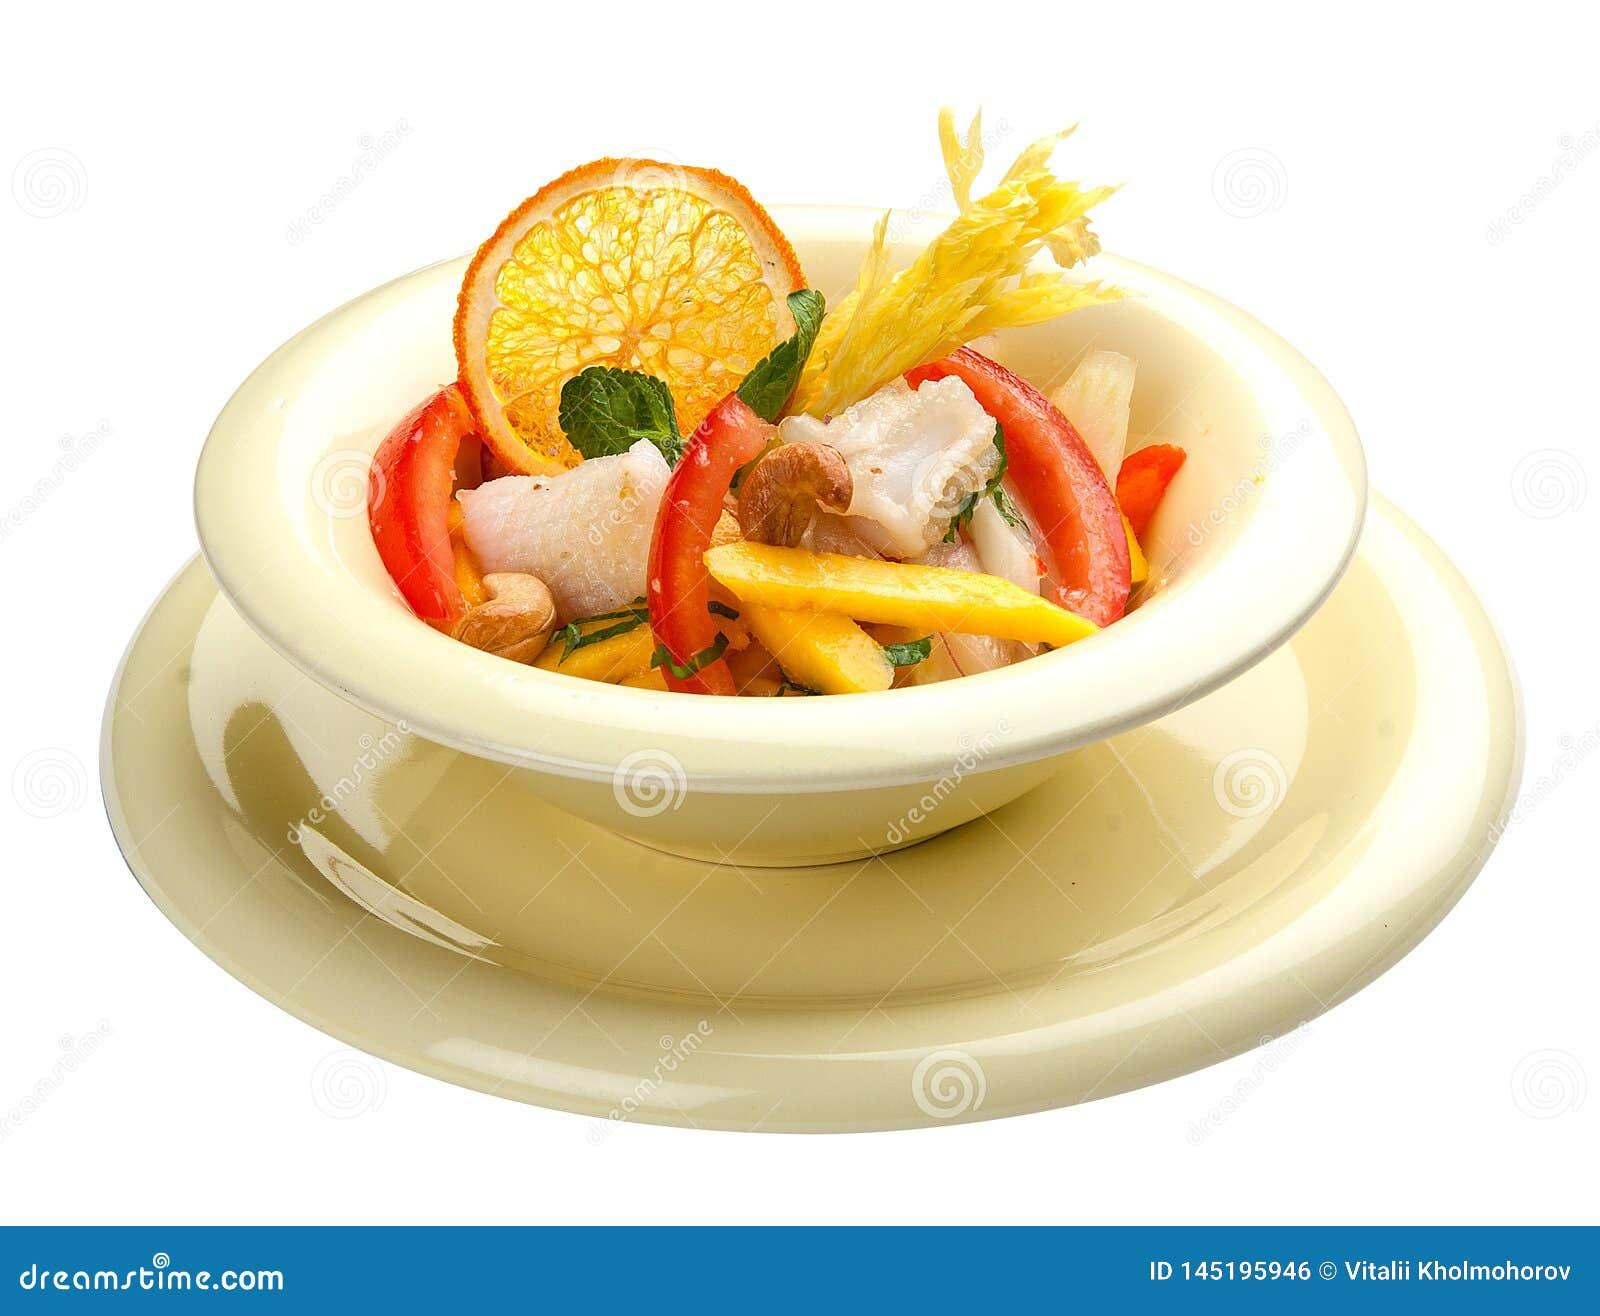 Σαλάτα με το καλαμάρι και το μάγκο E